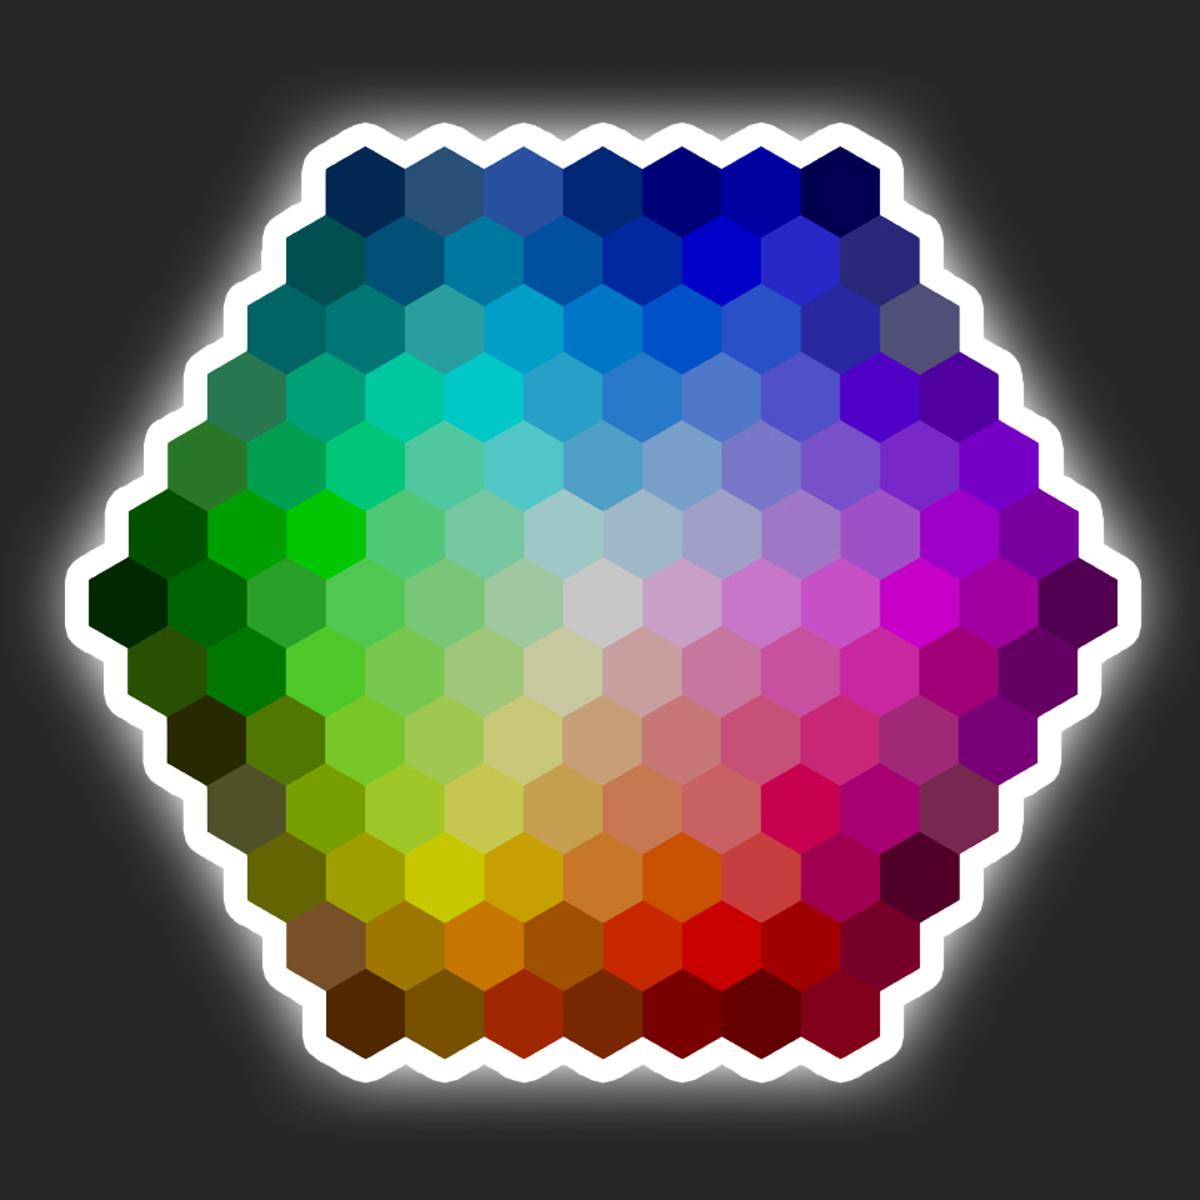 Technopoly in digital-technicolor